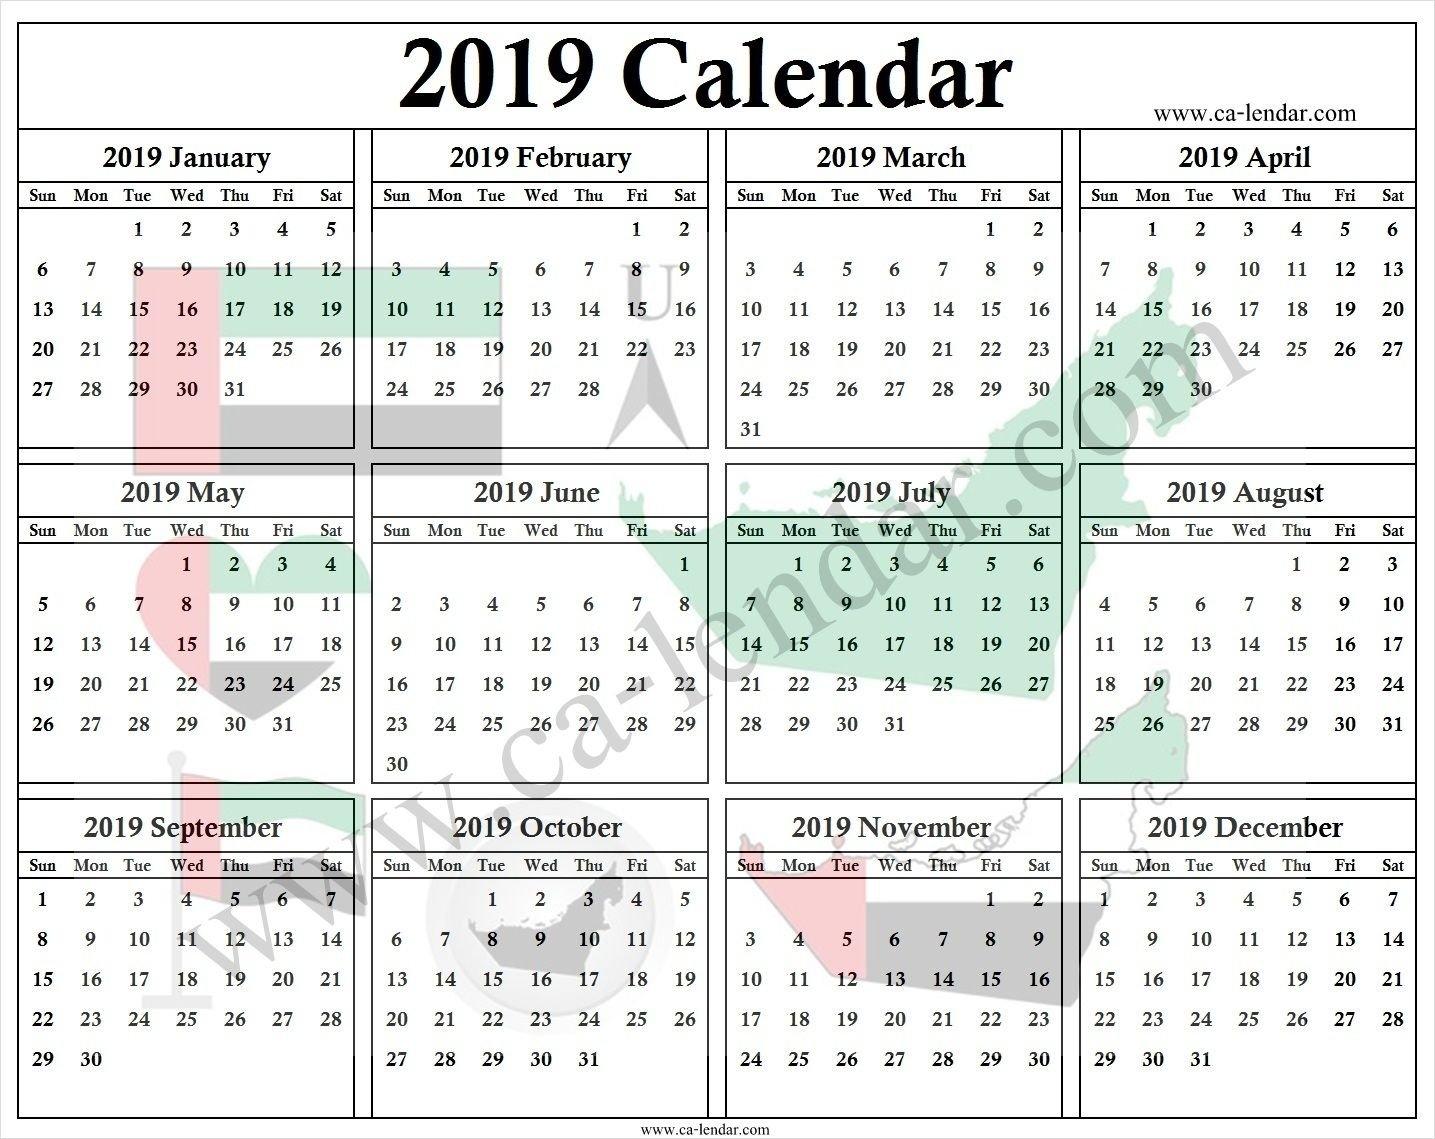 Uae Calendar 2019 With Holidays | 2019 Calendar Template | Pinterest U A E Calendar 2019